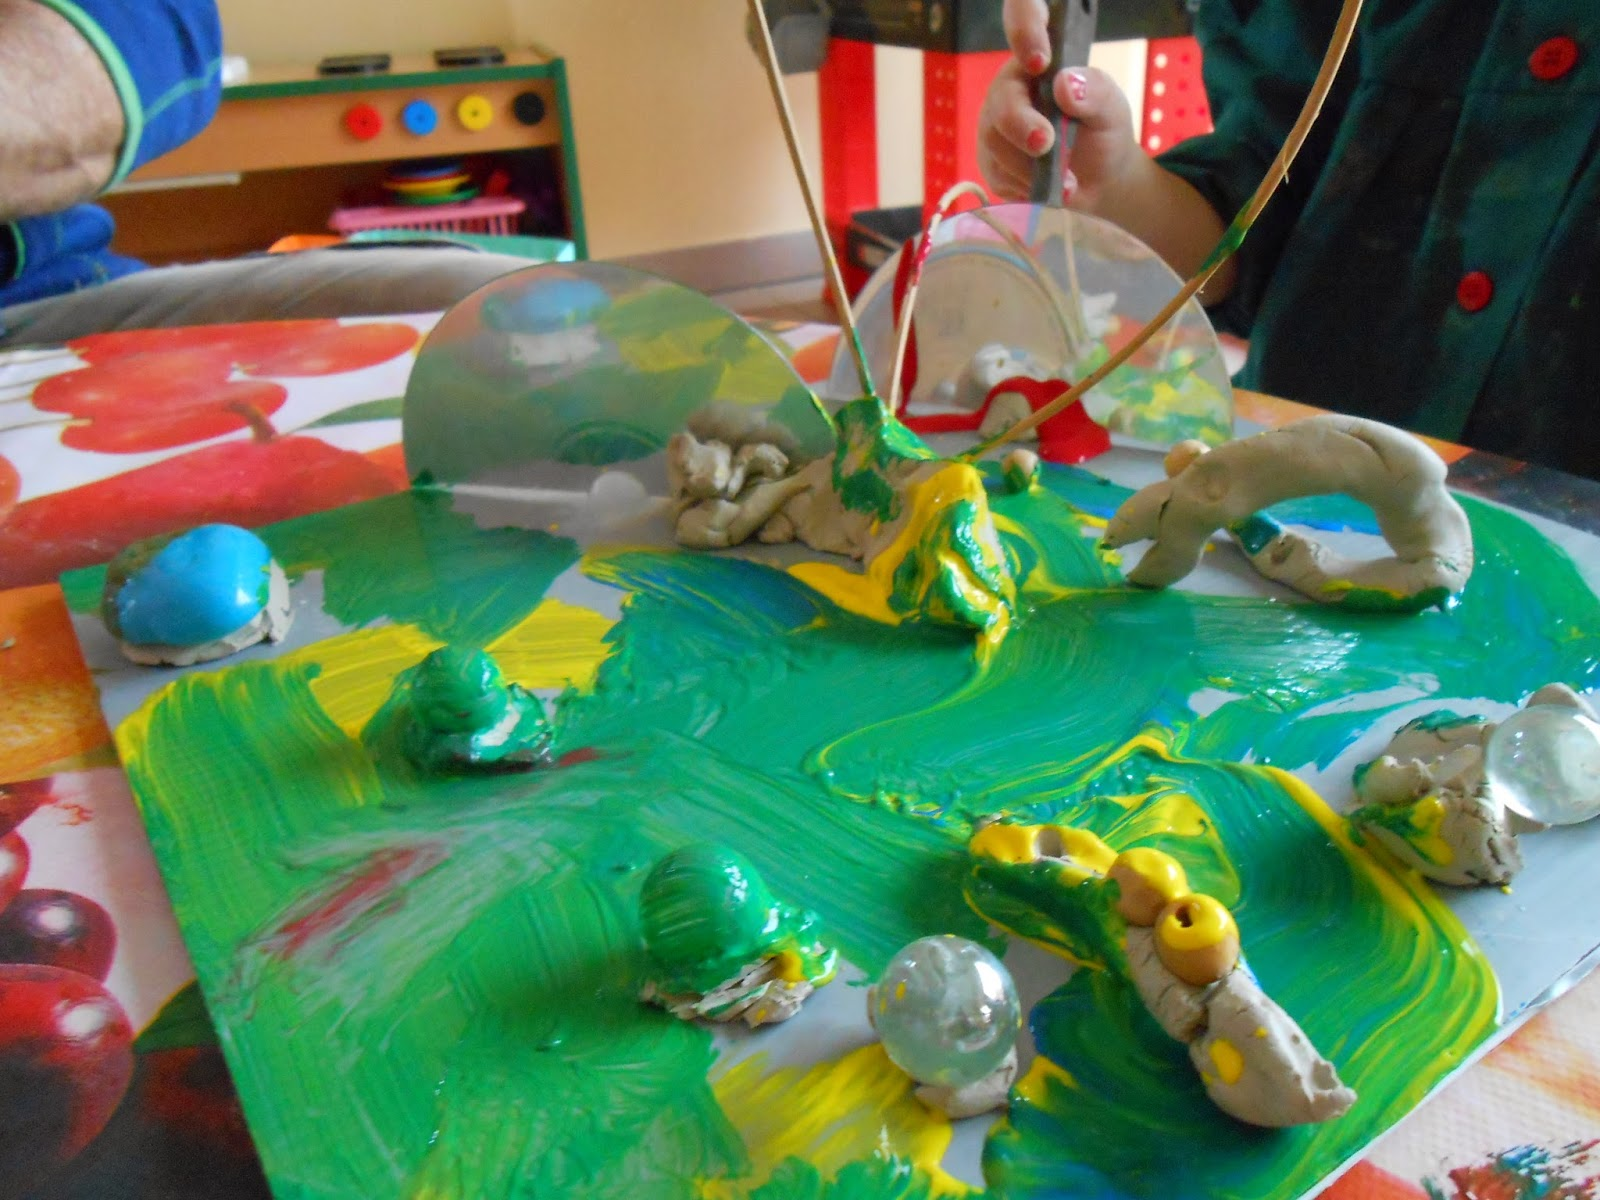 Assistants maternels notre m tier au quotidien art for Le jardin imaginaire